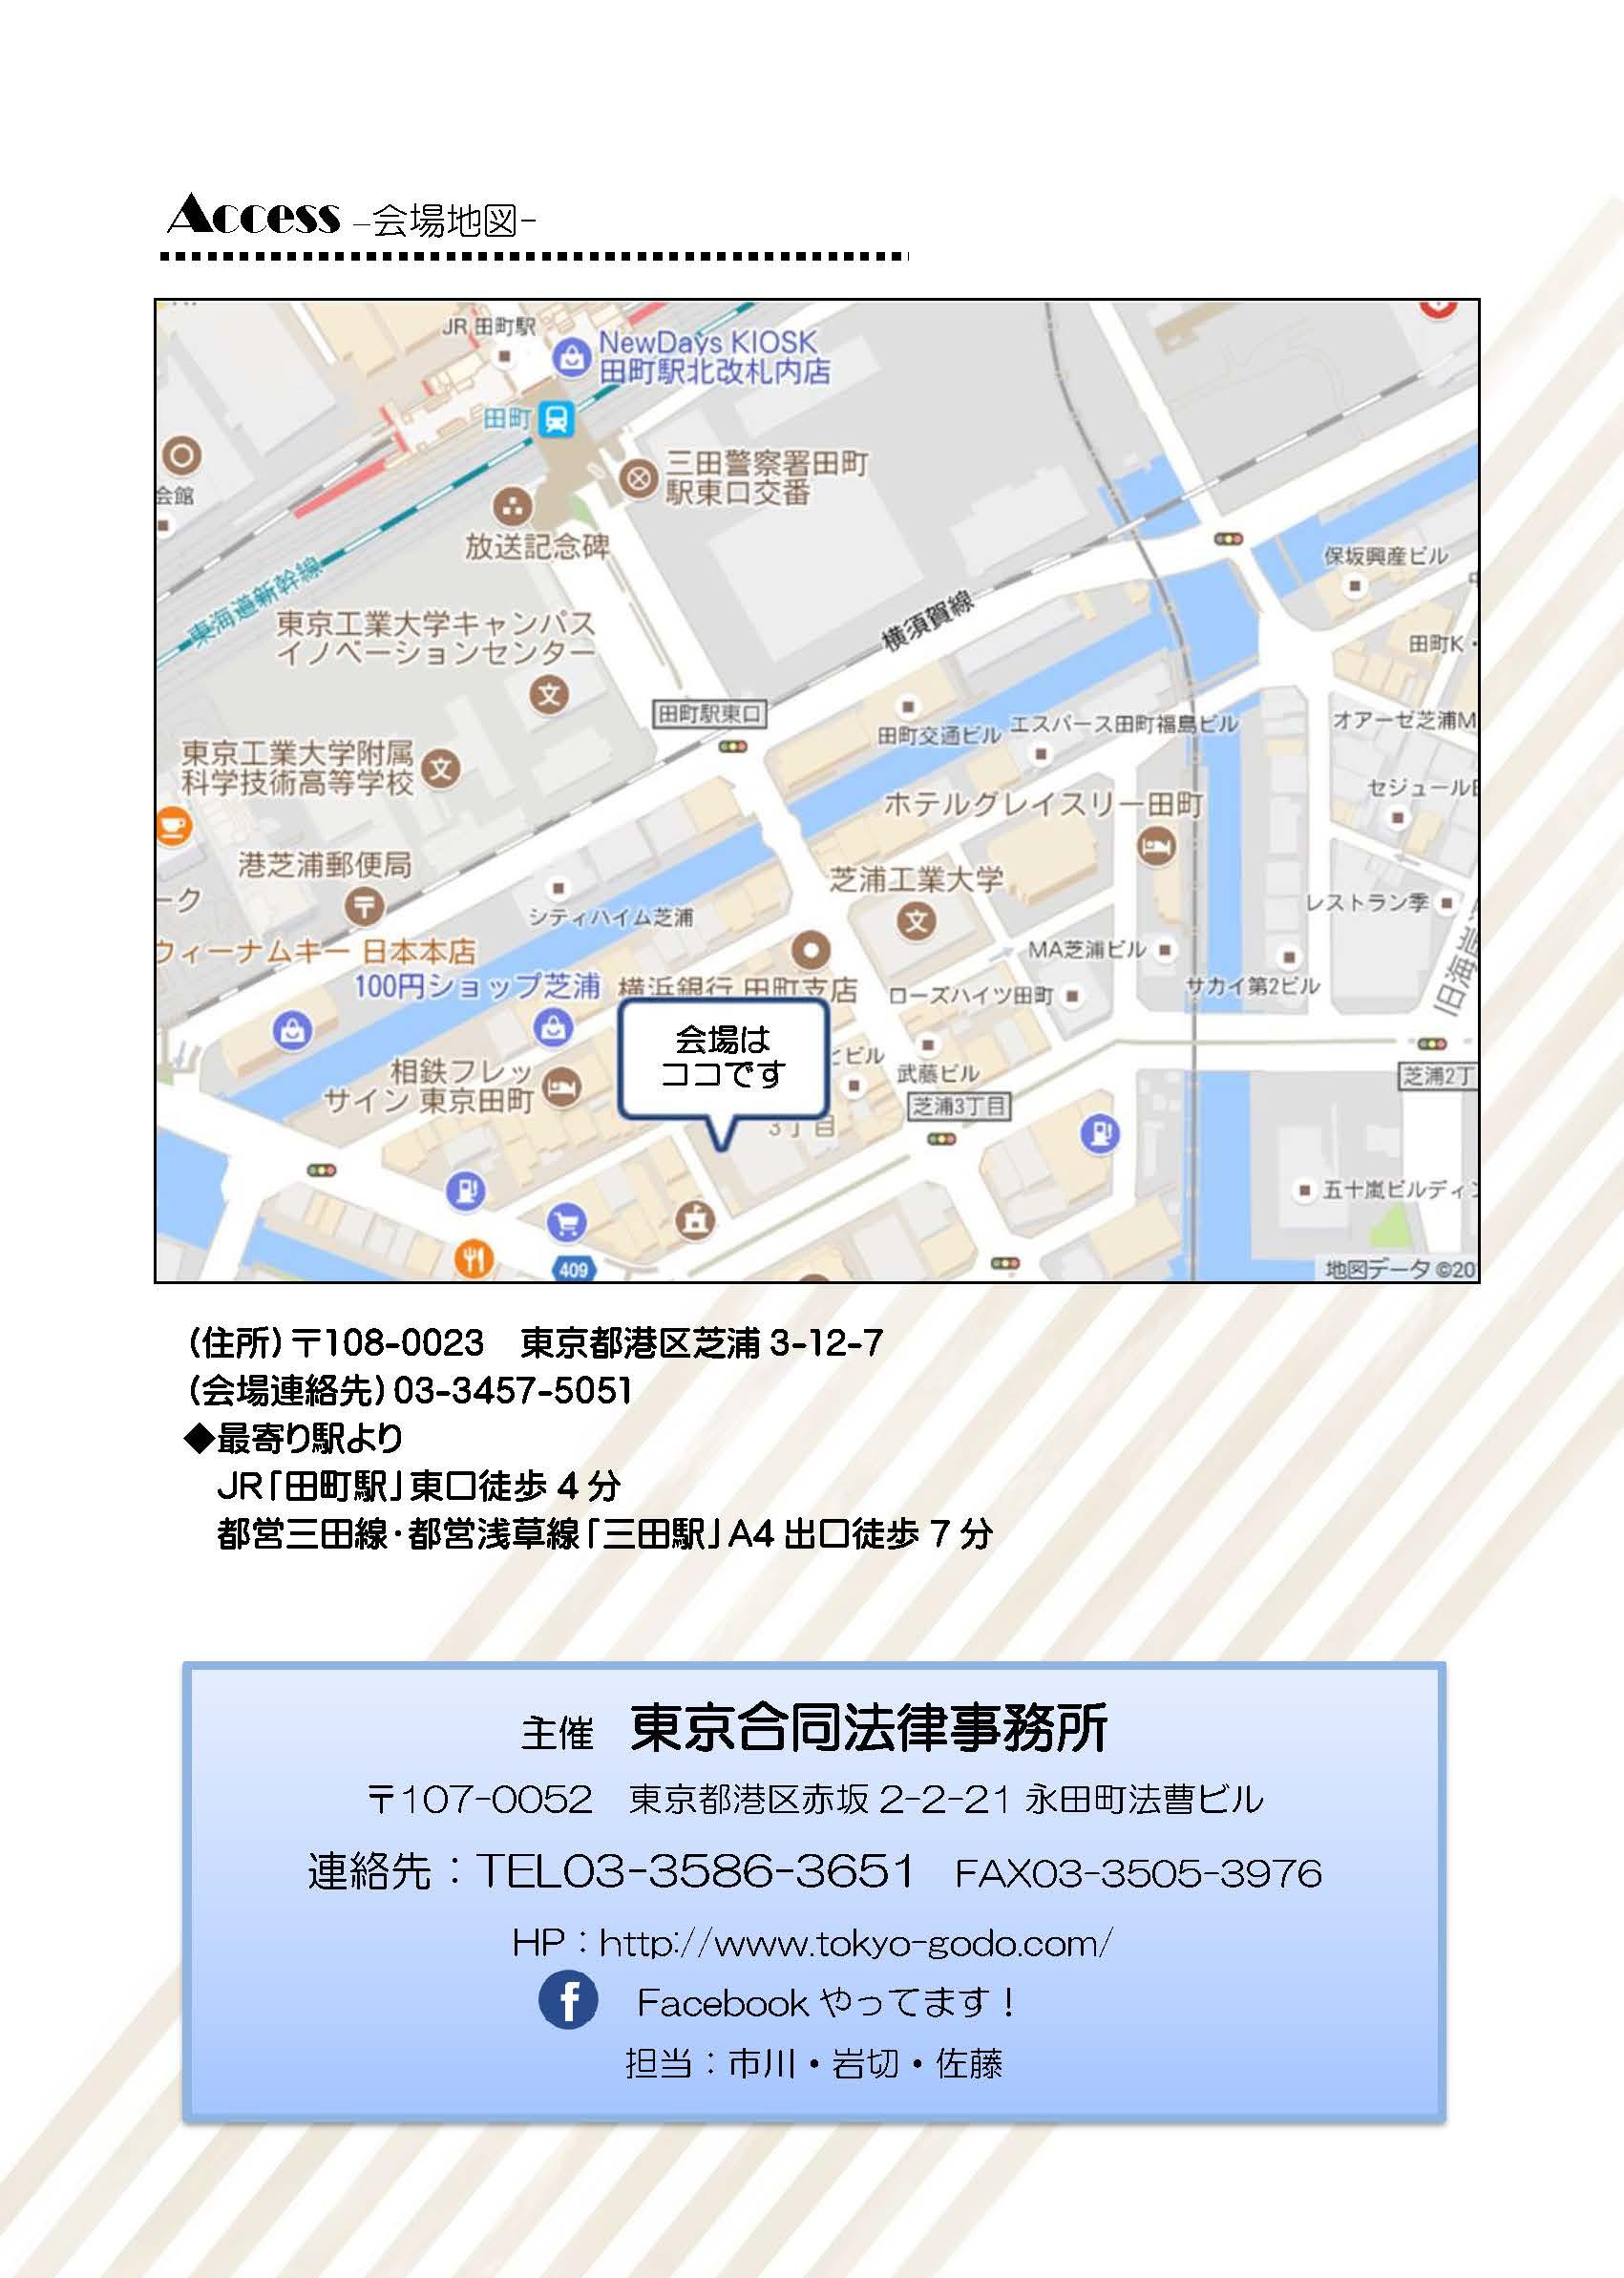 3/29アベ改憲を斬る!ウラ面